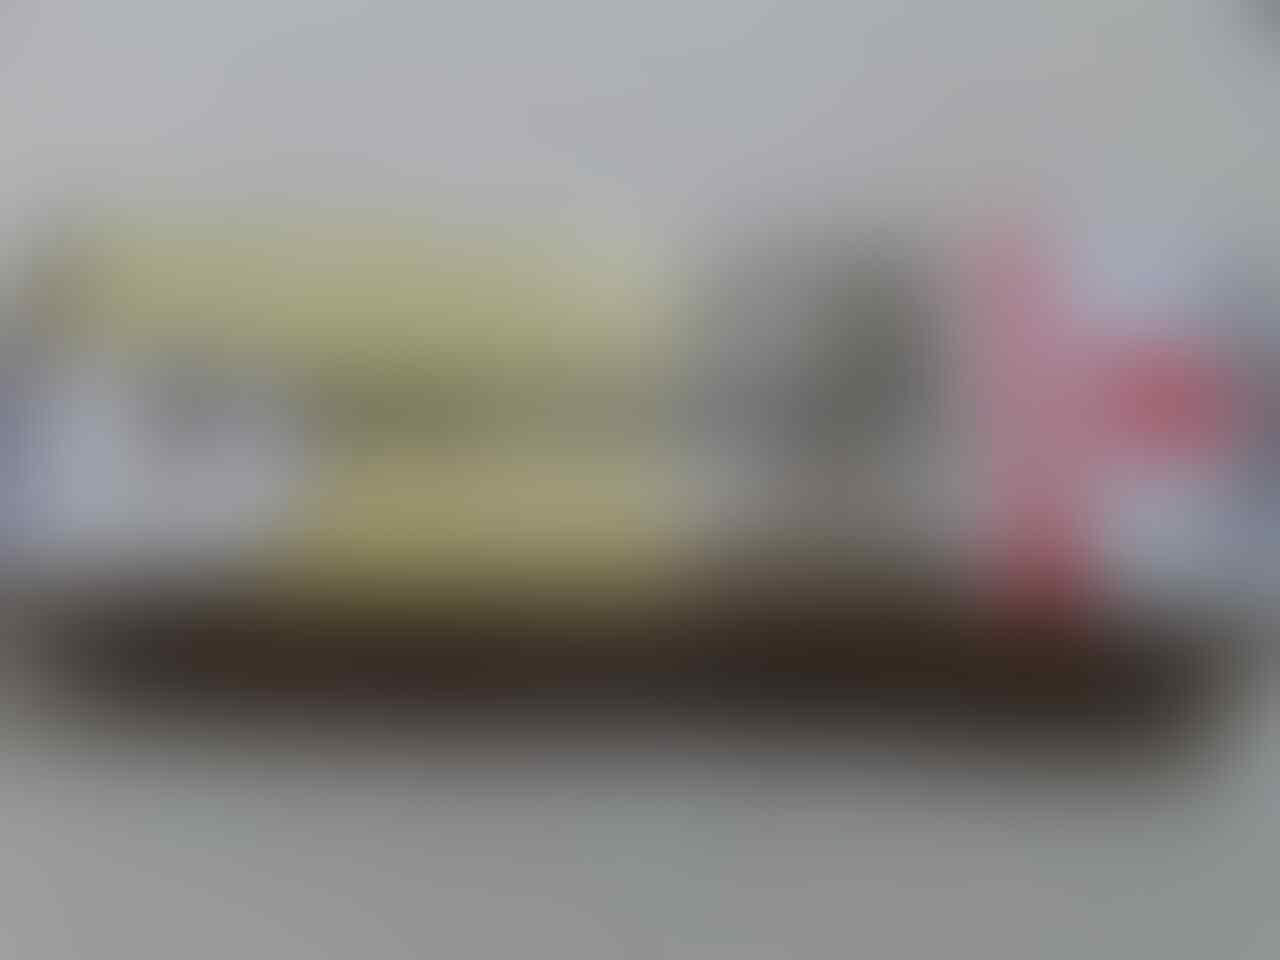 [UPDATE] ROKOK IMPORT BERBAGAI MEREK DARI BERBAGAI NEGARA TERPERCAYA JKT - TGR